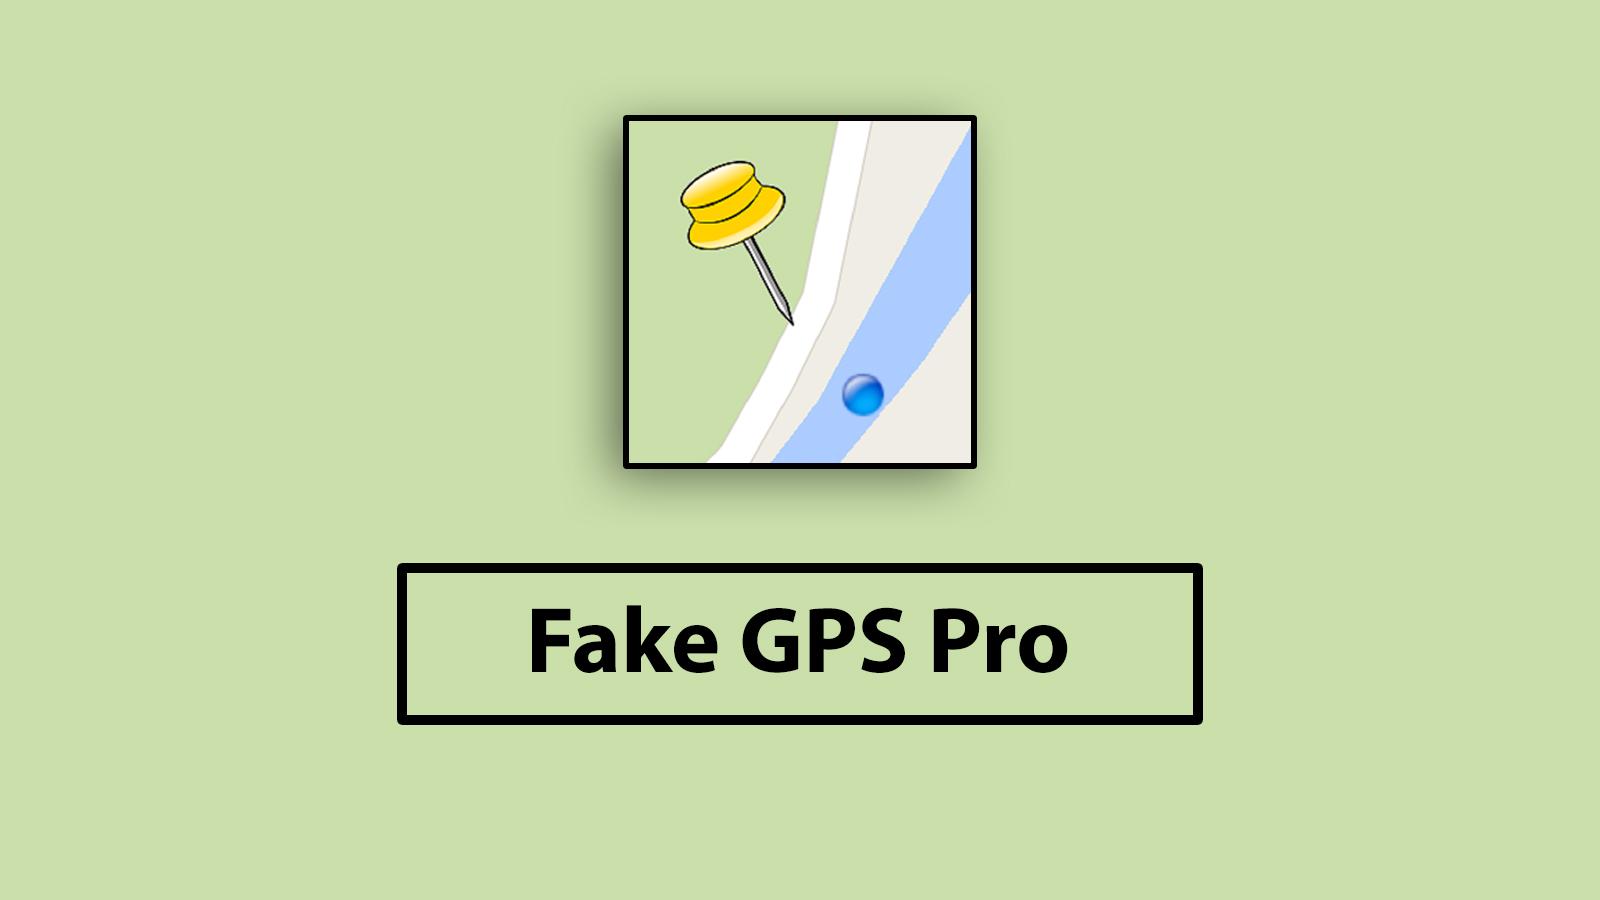 دانلود Fake GPS/ موقعیت مکانی خود را جعل کنید